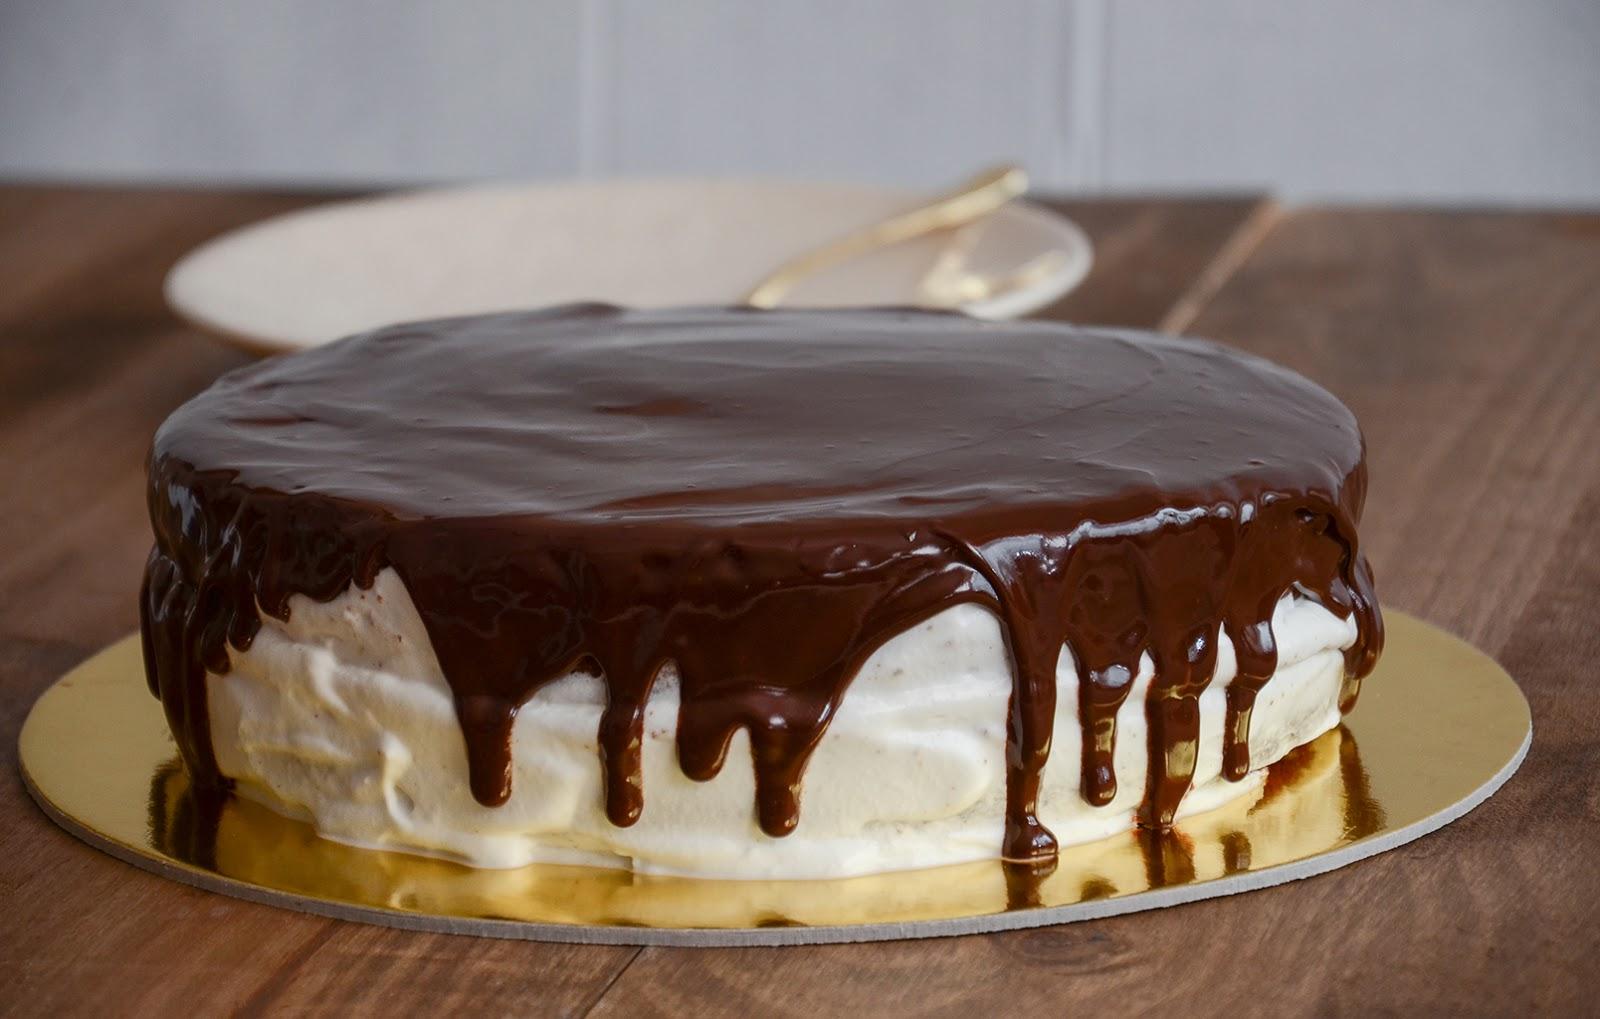 Bolo de Baunilha com Chantilly e Chocolate   Segundas-feiras Doces na RFM